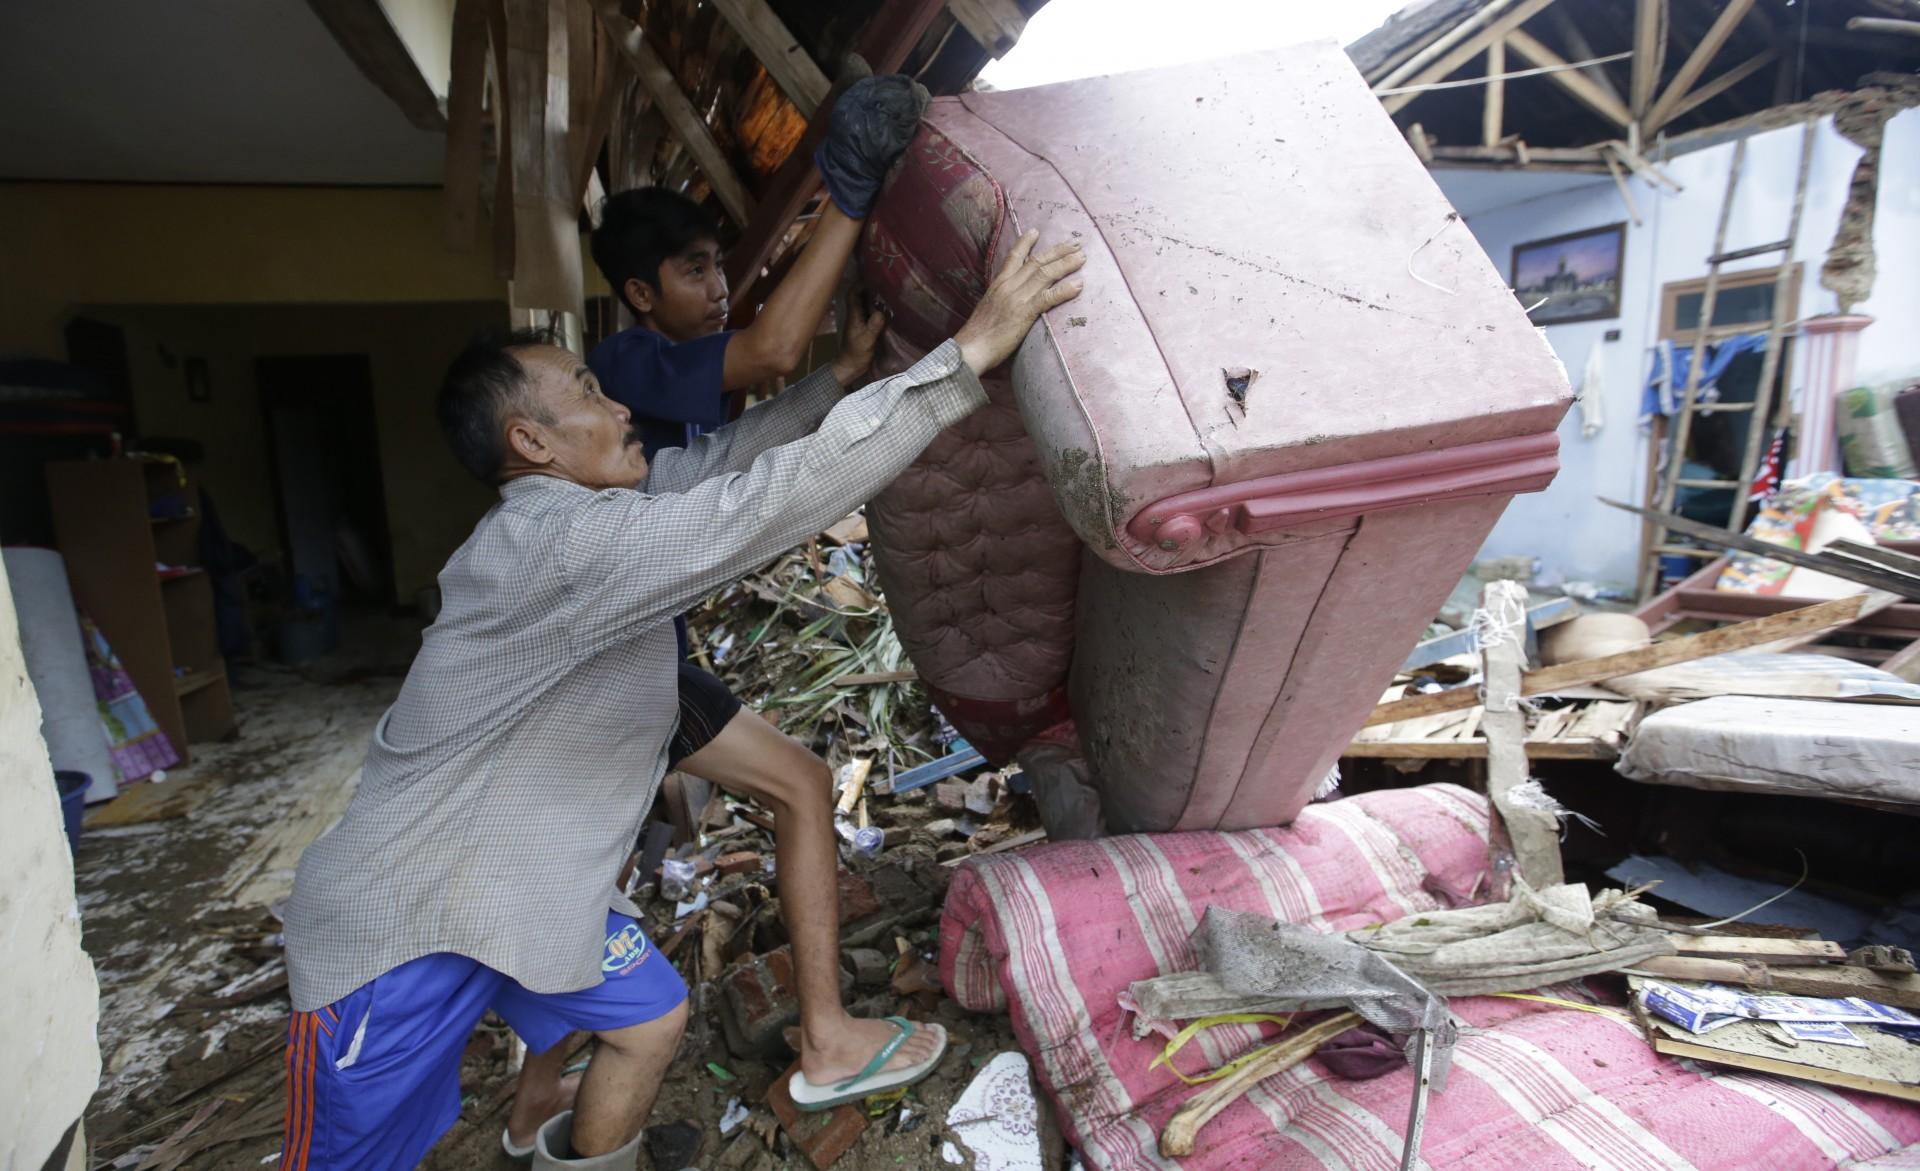 El residente local Alimin limpia los escombros de su casa luego del tsunami en Carita, Indonesia, el jueves 27 de diciembre de 2018.